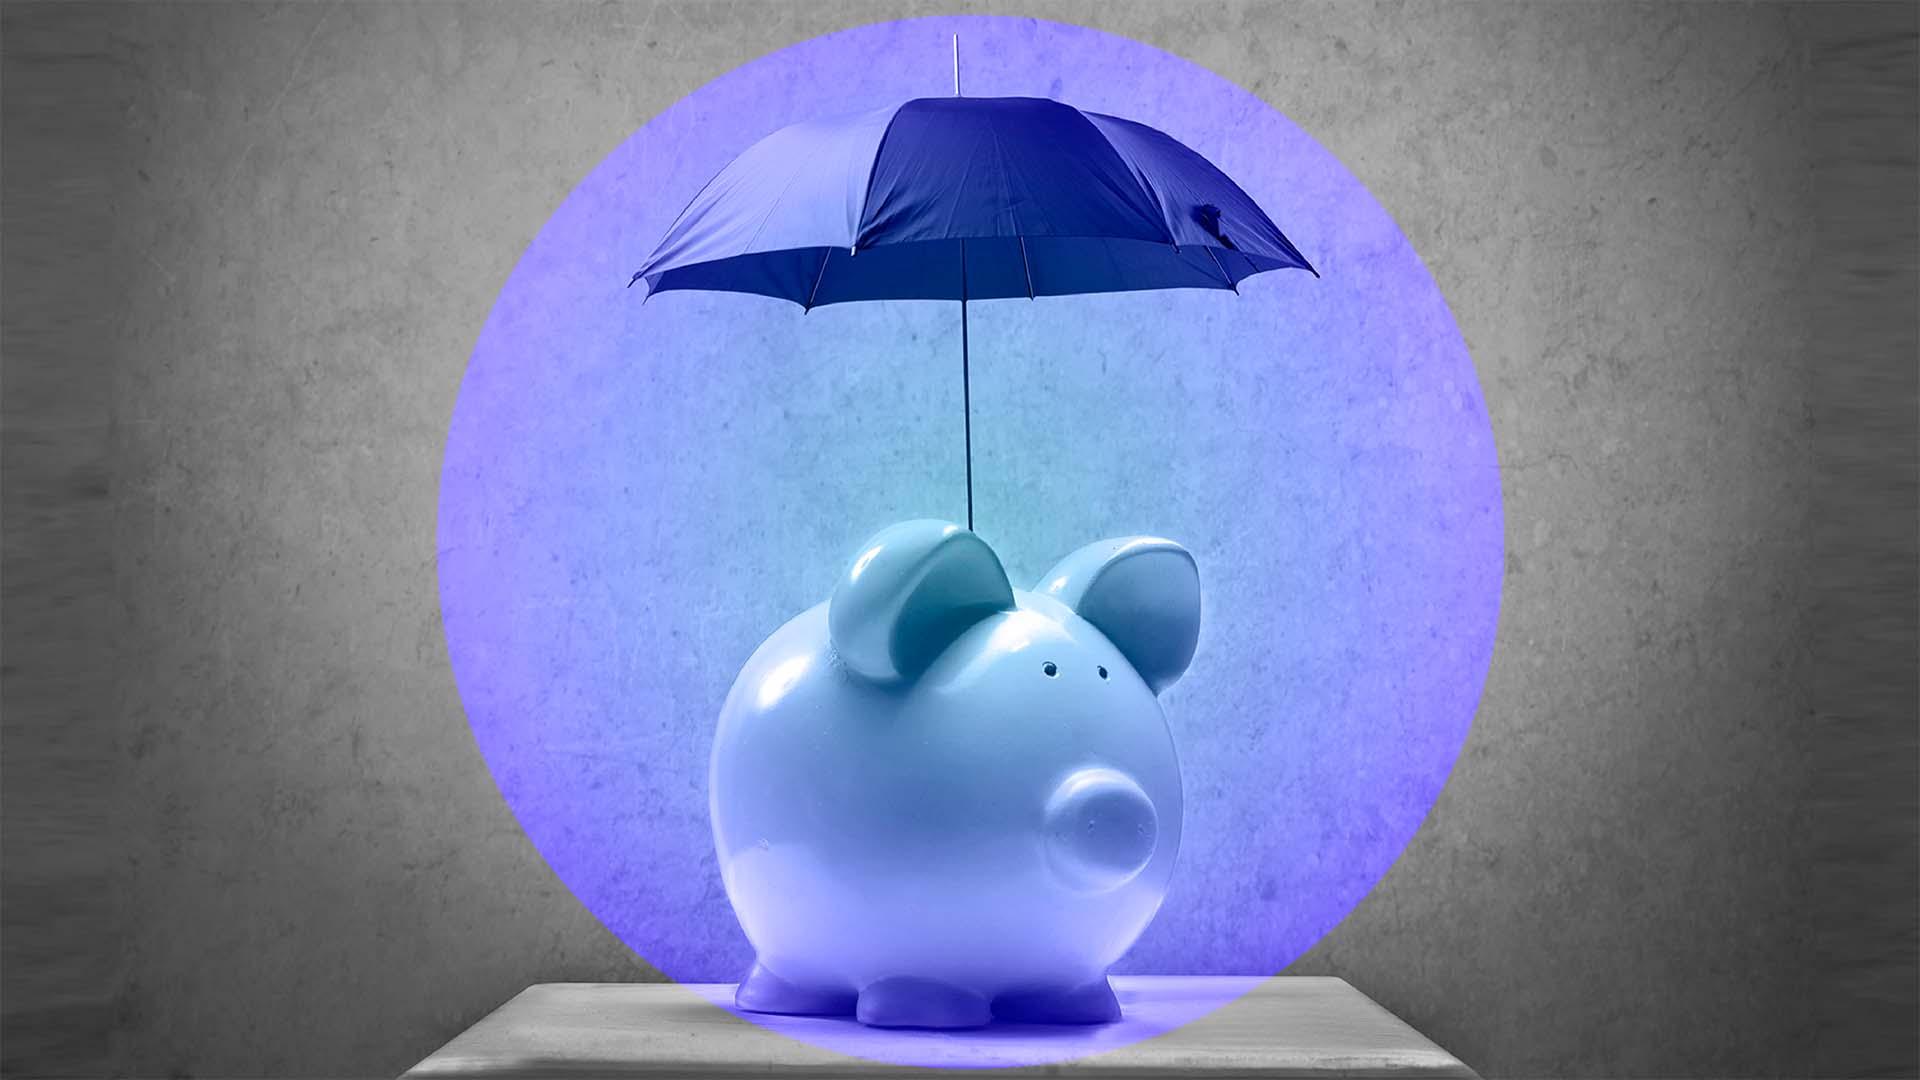 Para obtener más ganancias no hay que aumentar los precios sino los salarios, por Víctor Álvarez R.